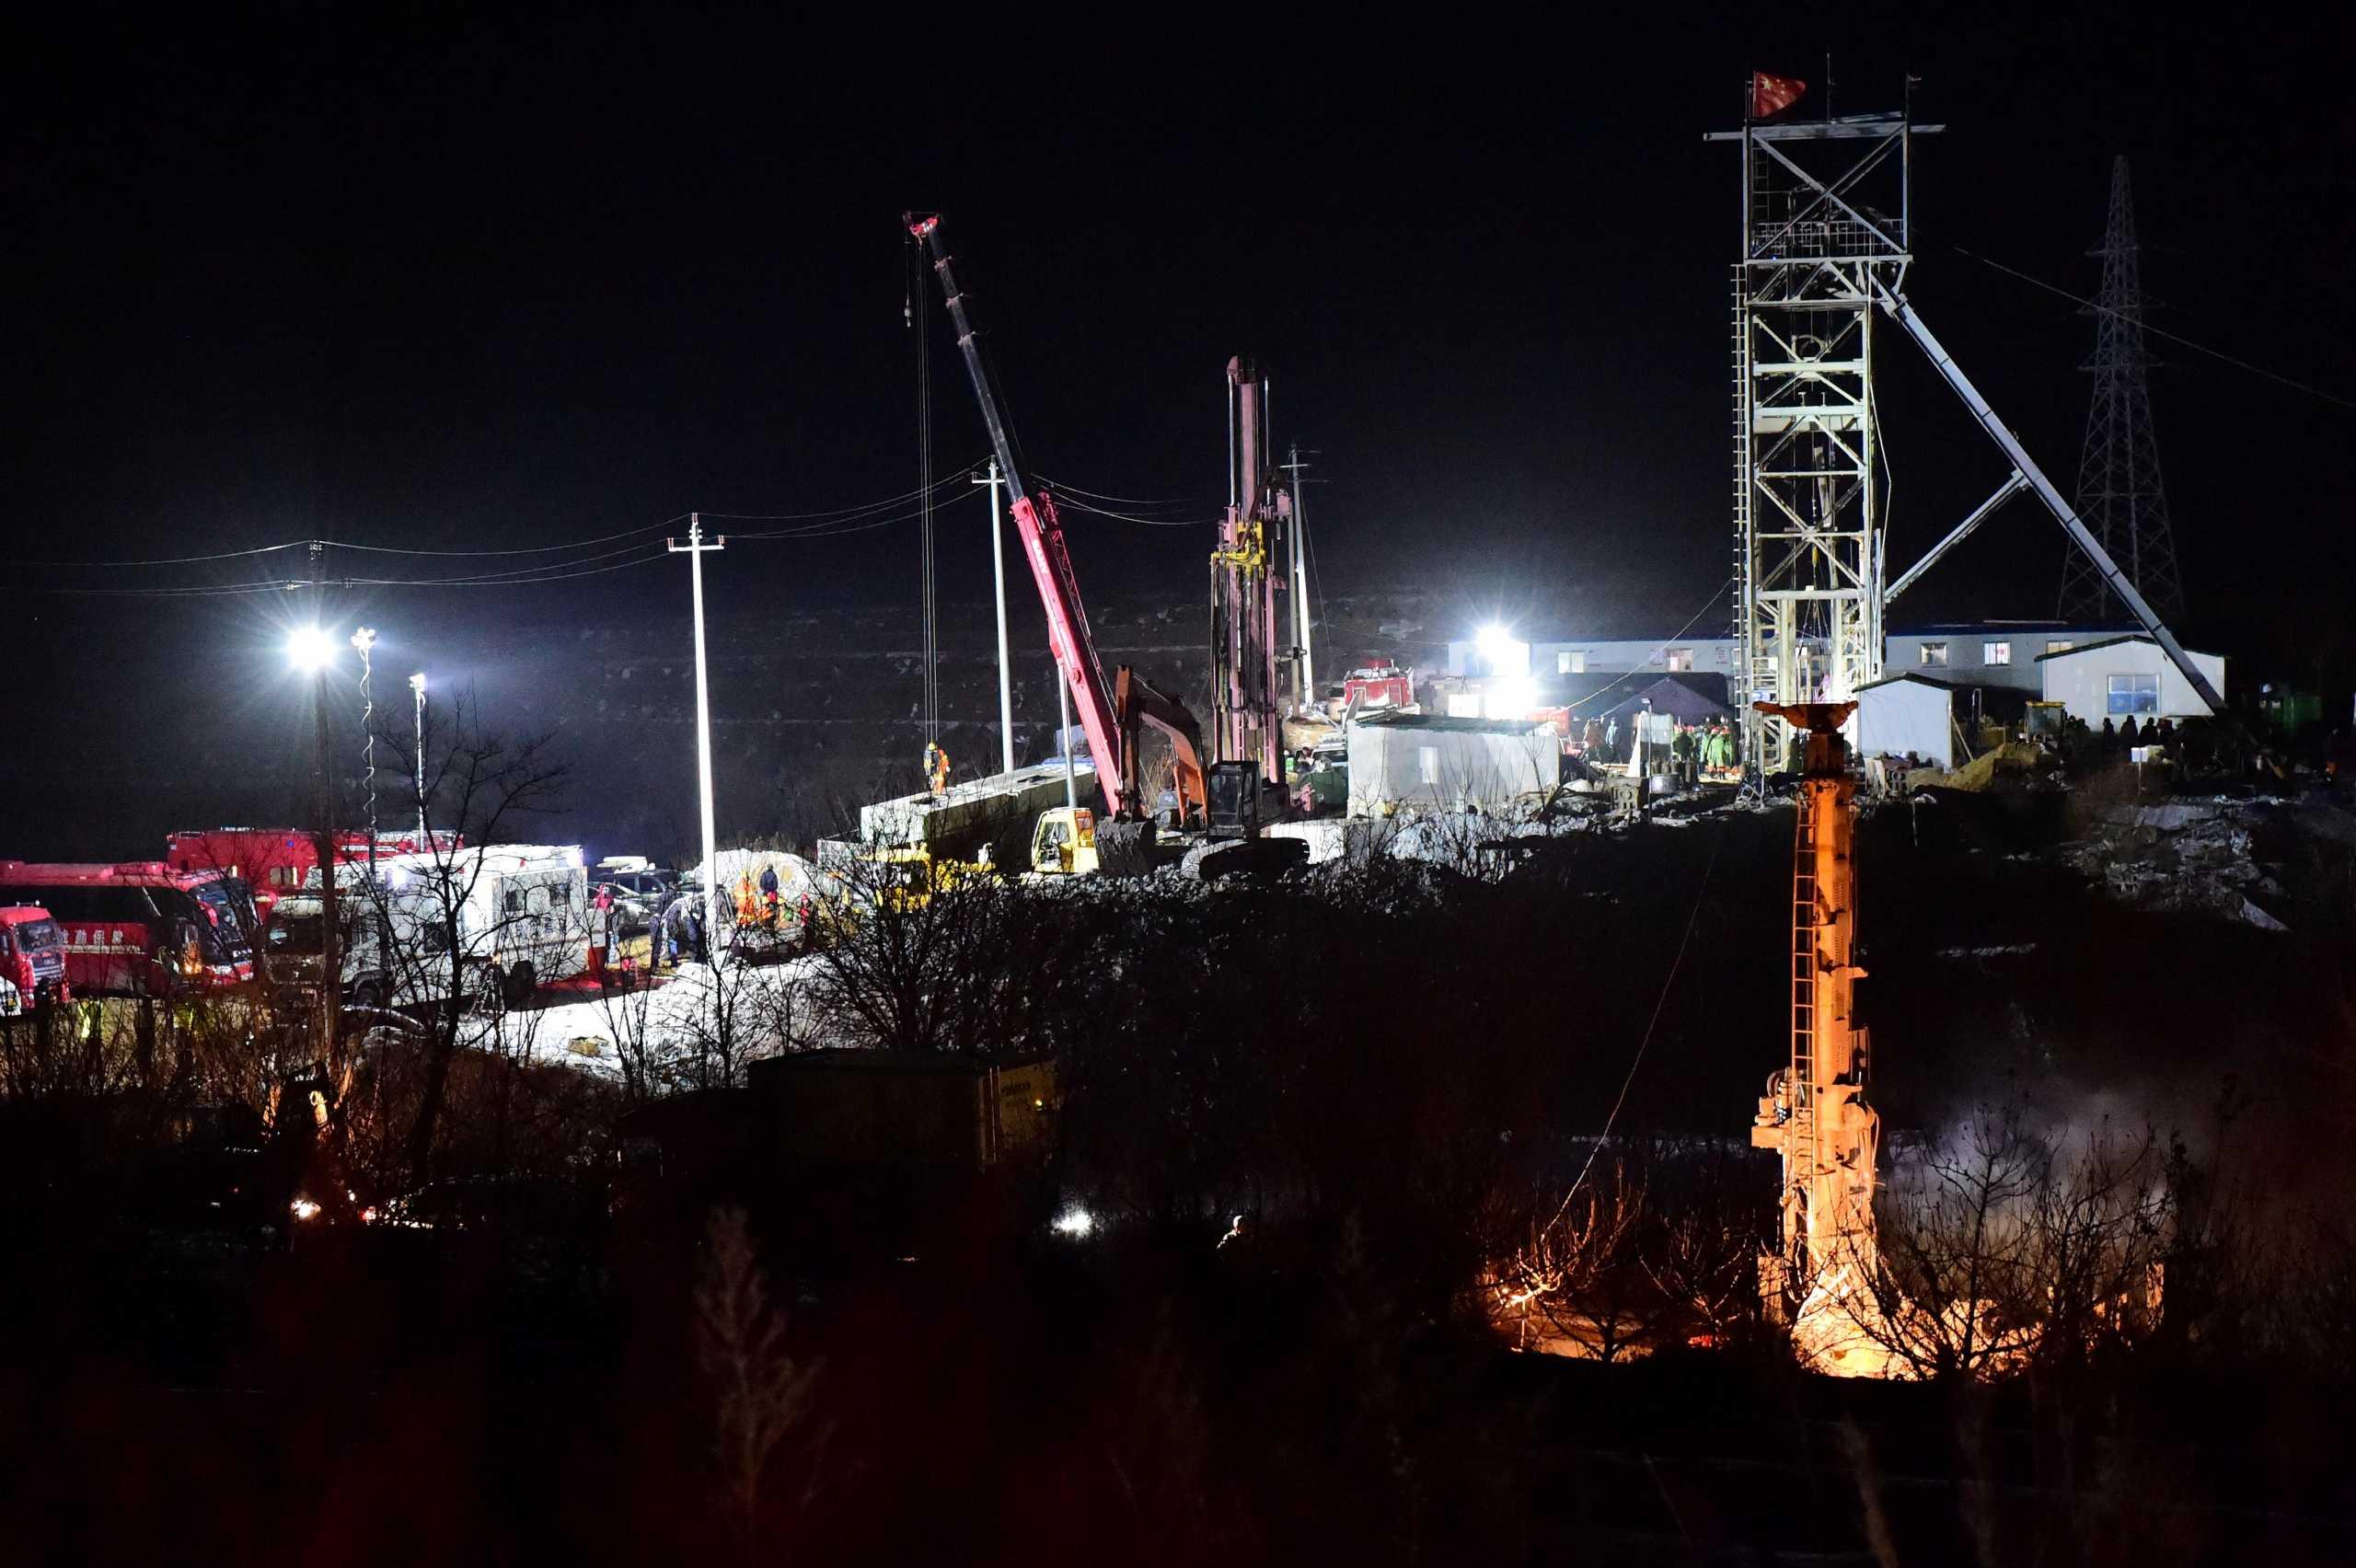 Συγκλονιστικό: Εργάτες παγιδευμένοι μια εβδομάδα σε ορυχείο κατάφεραν να στείλουν μήνυμα στους διασώστες (pics, vid)